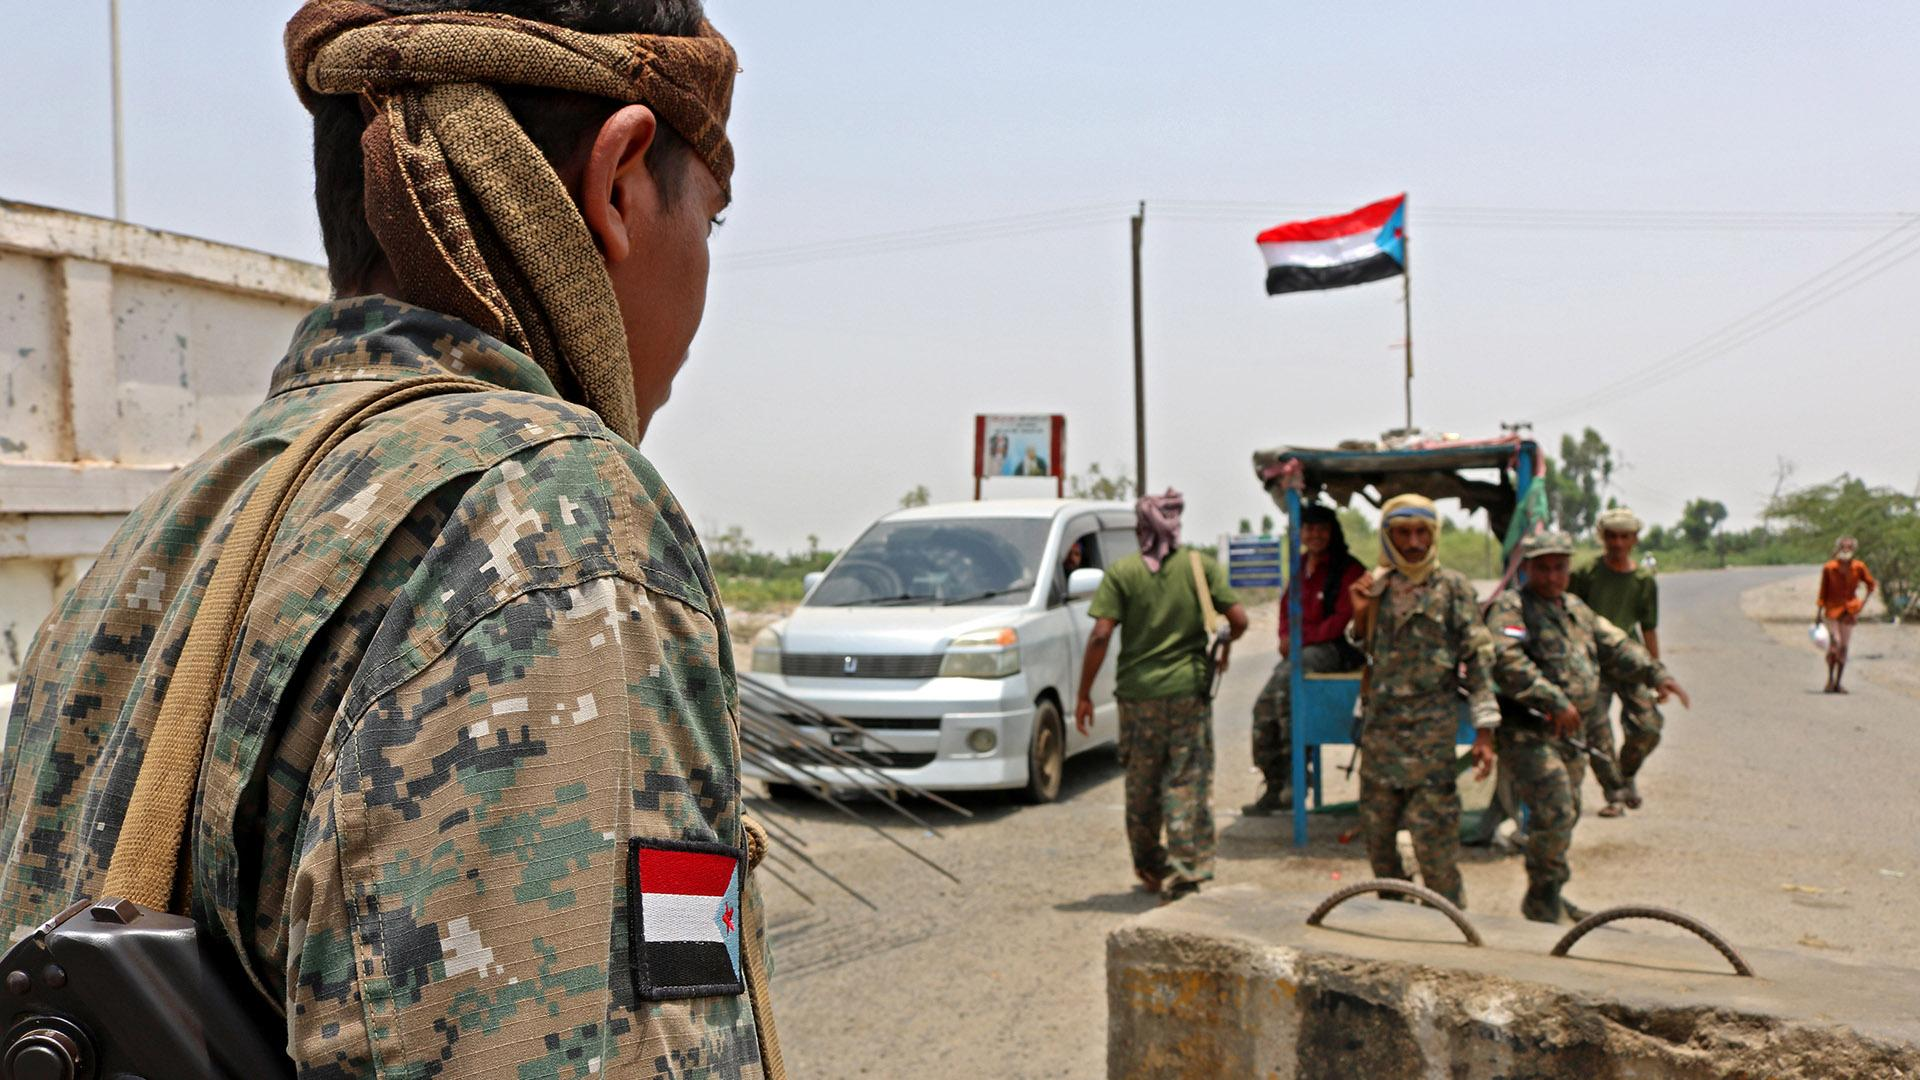 قبائل شبوة اليمنية تعتقل مقاتلين إماراتيين والسعودية تتدخل وتنقذ الموقف